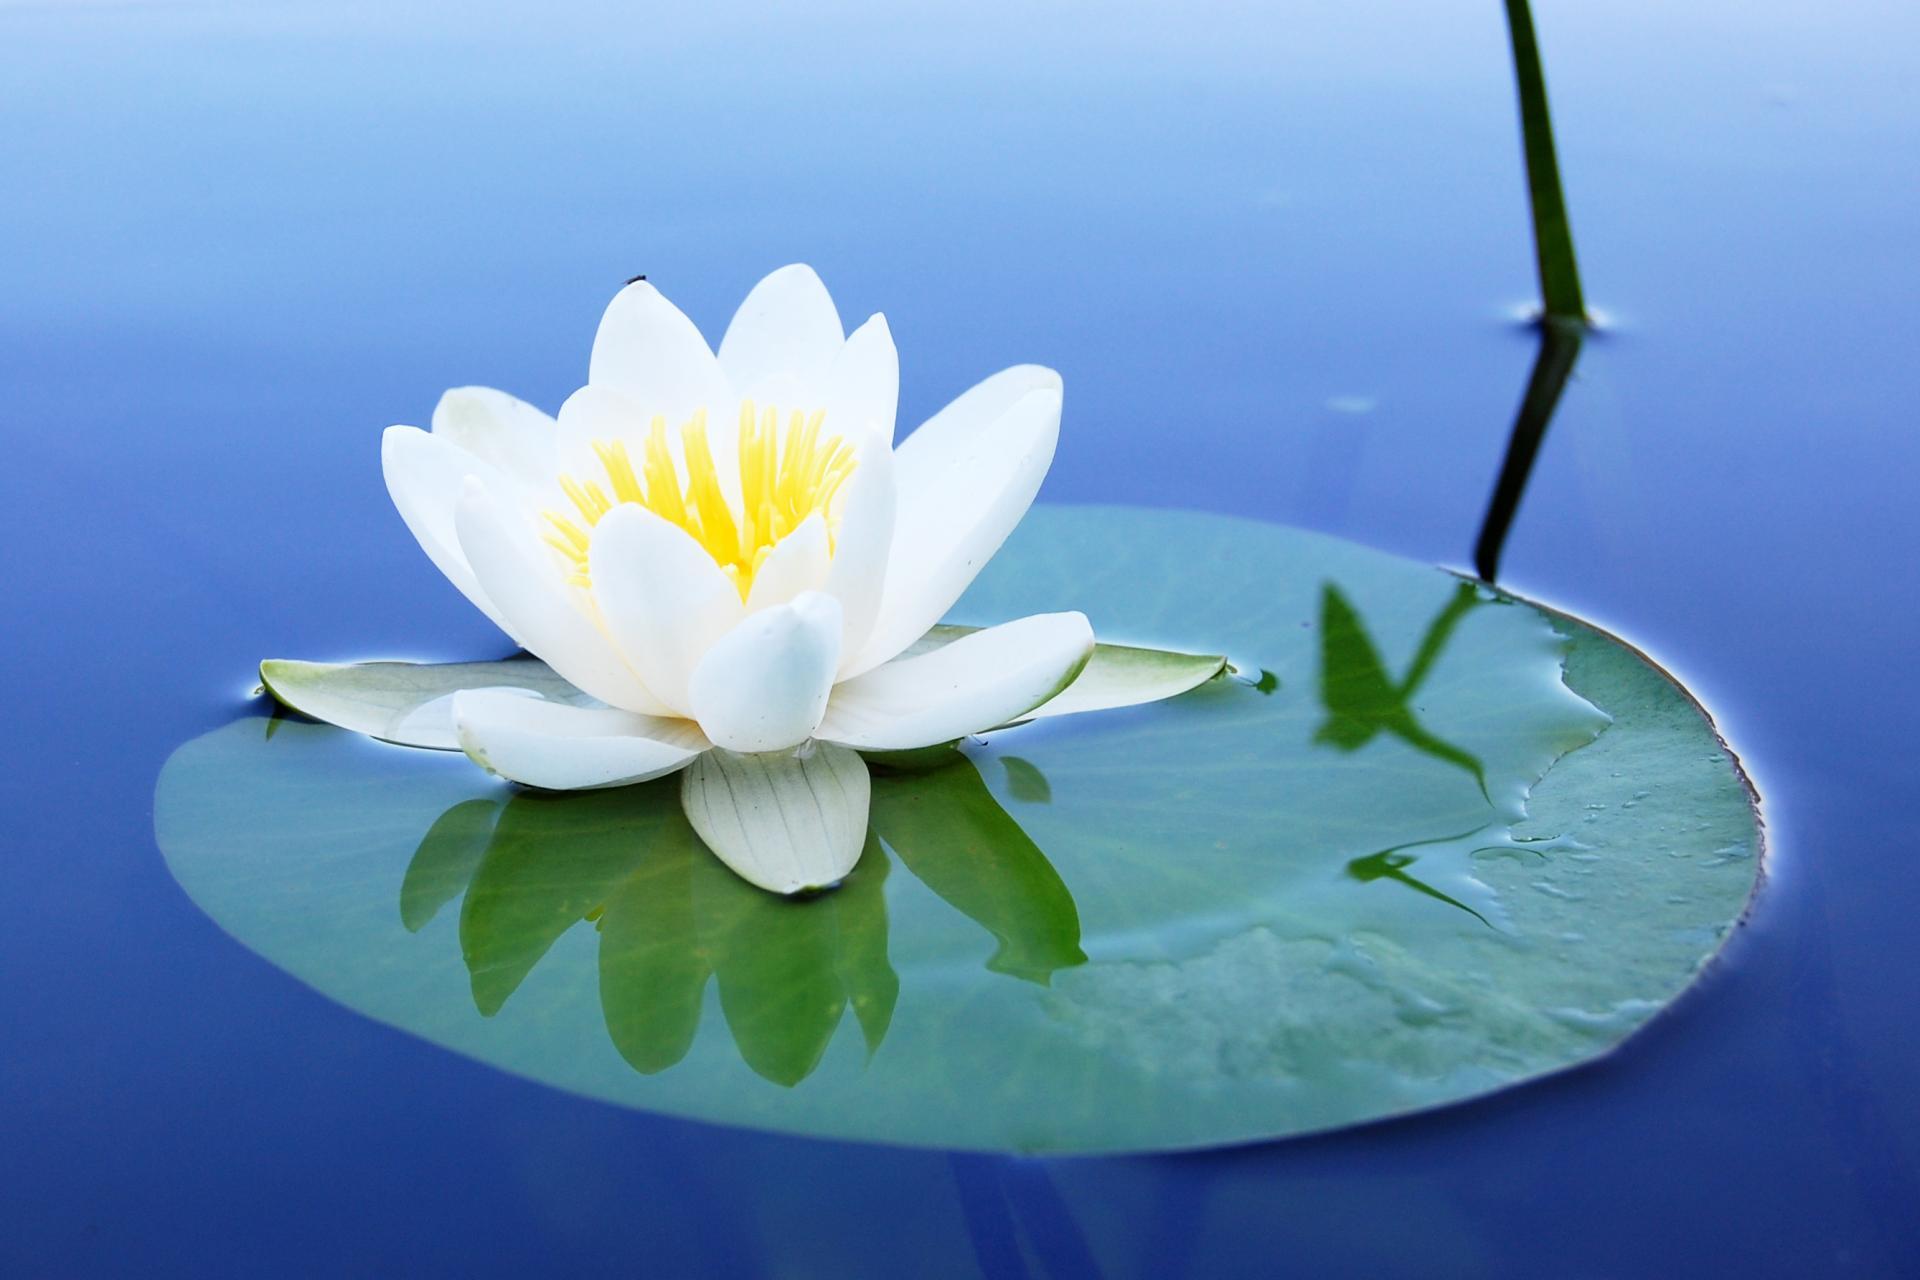 картинки белых лилий на воде данном разговоре